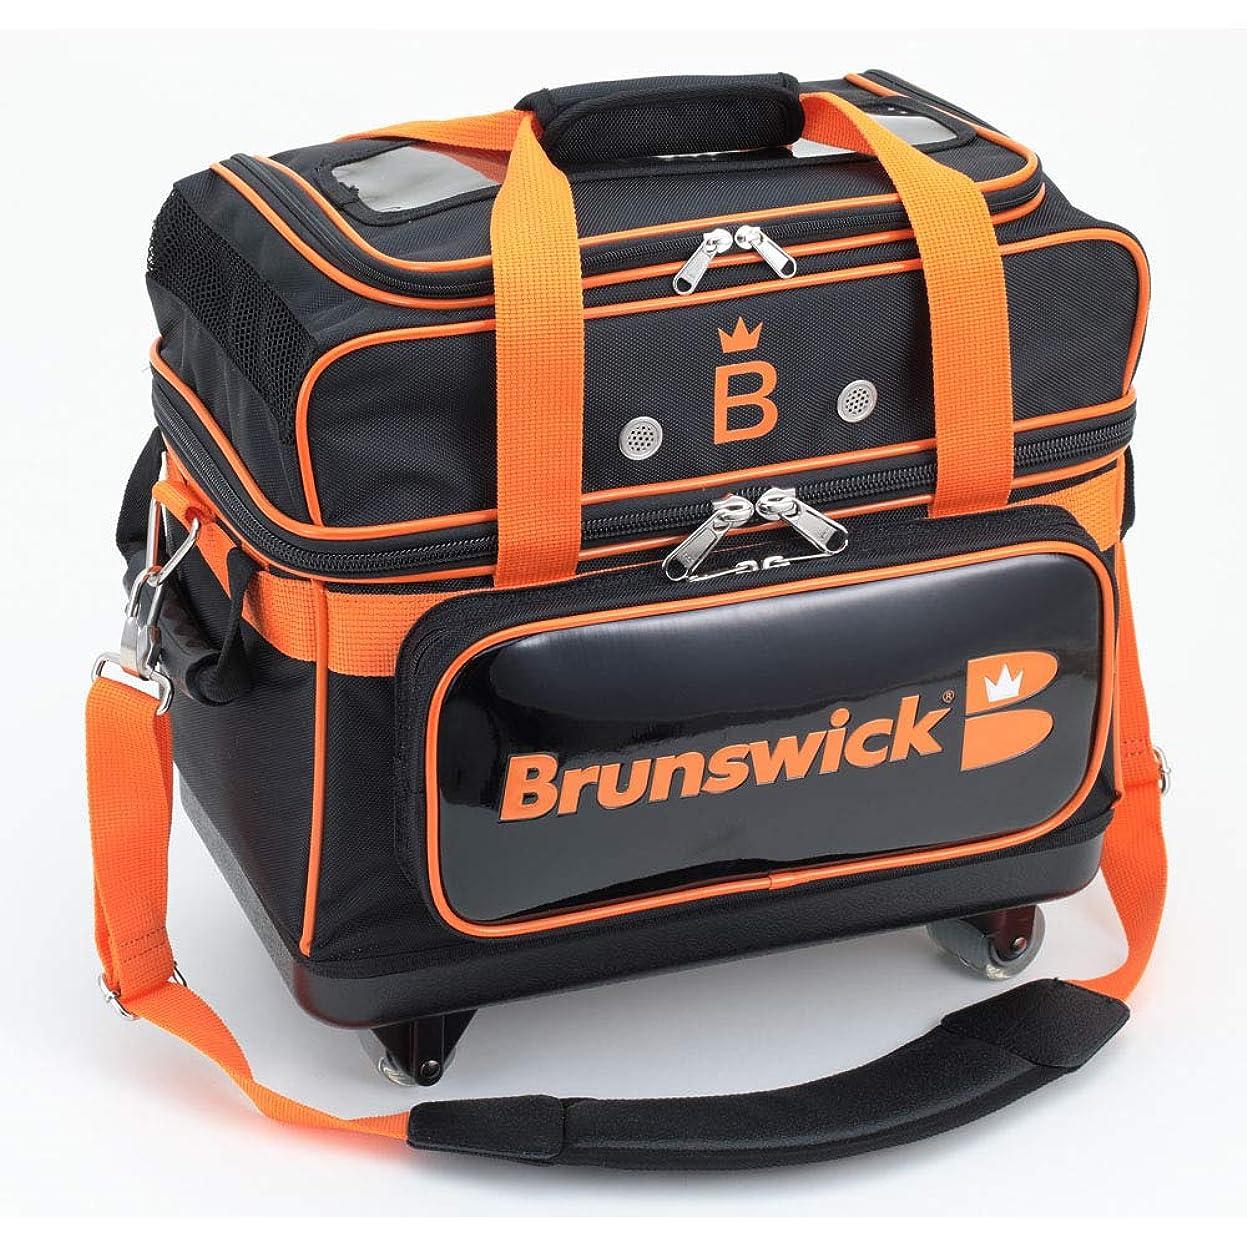 同化する重要最大化するBrunswick Bisou(ビズ) Dローラー ブランズウィック ボウリング バッグ 2個入 ボウリング用品 ボーリング グッズ